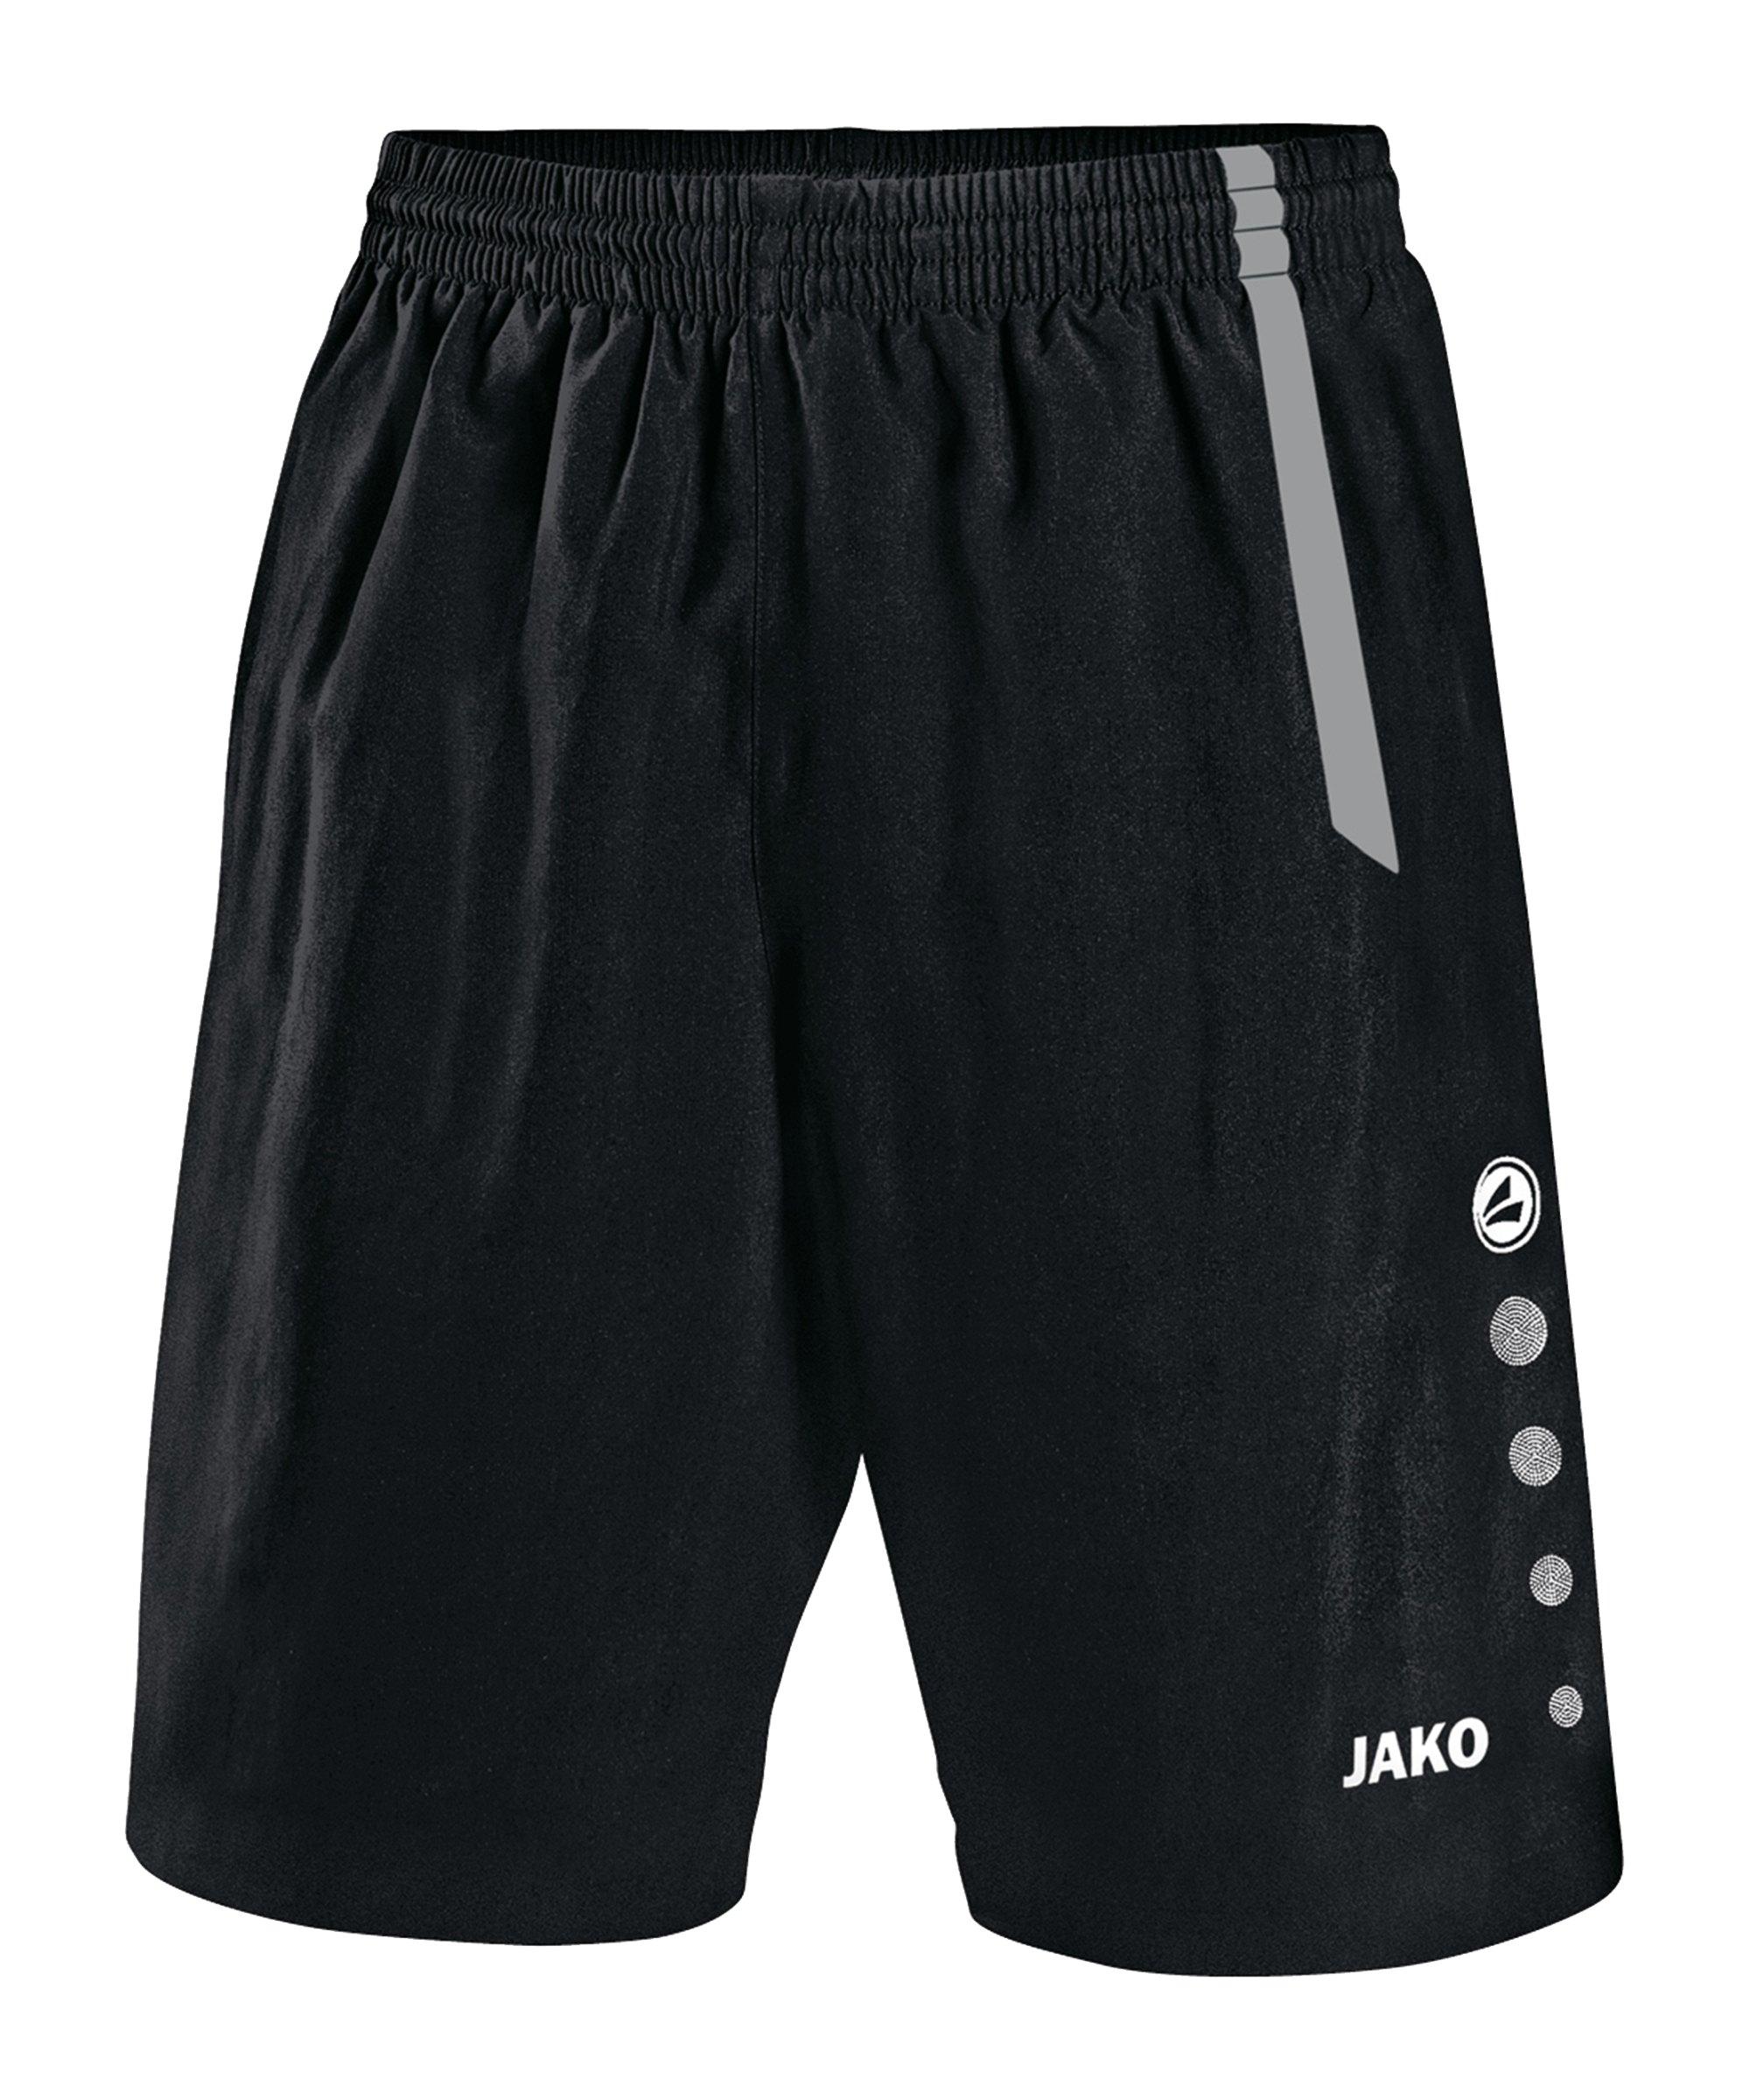 Jako Sporthose Turin ohne Innenslip Schwarz F81 - schwarz